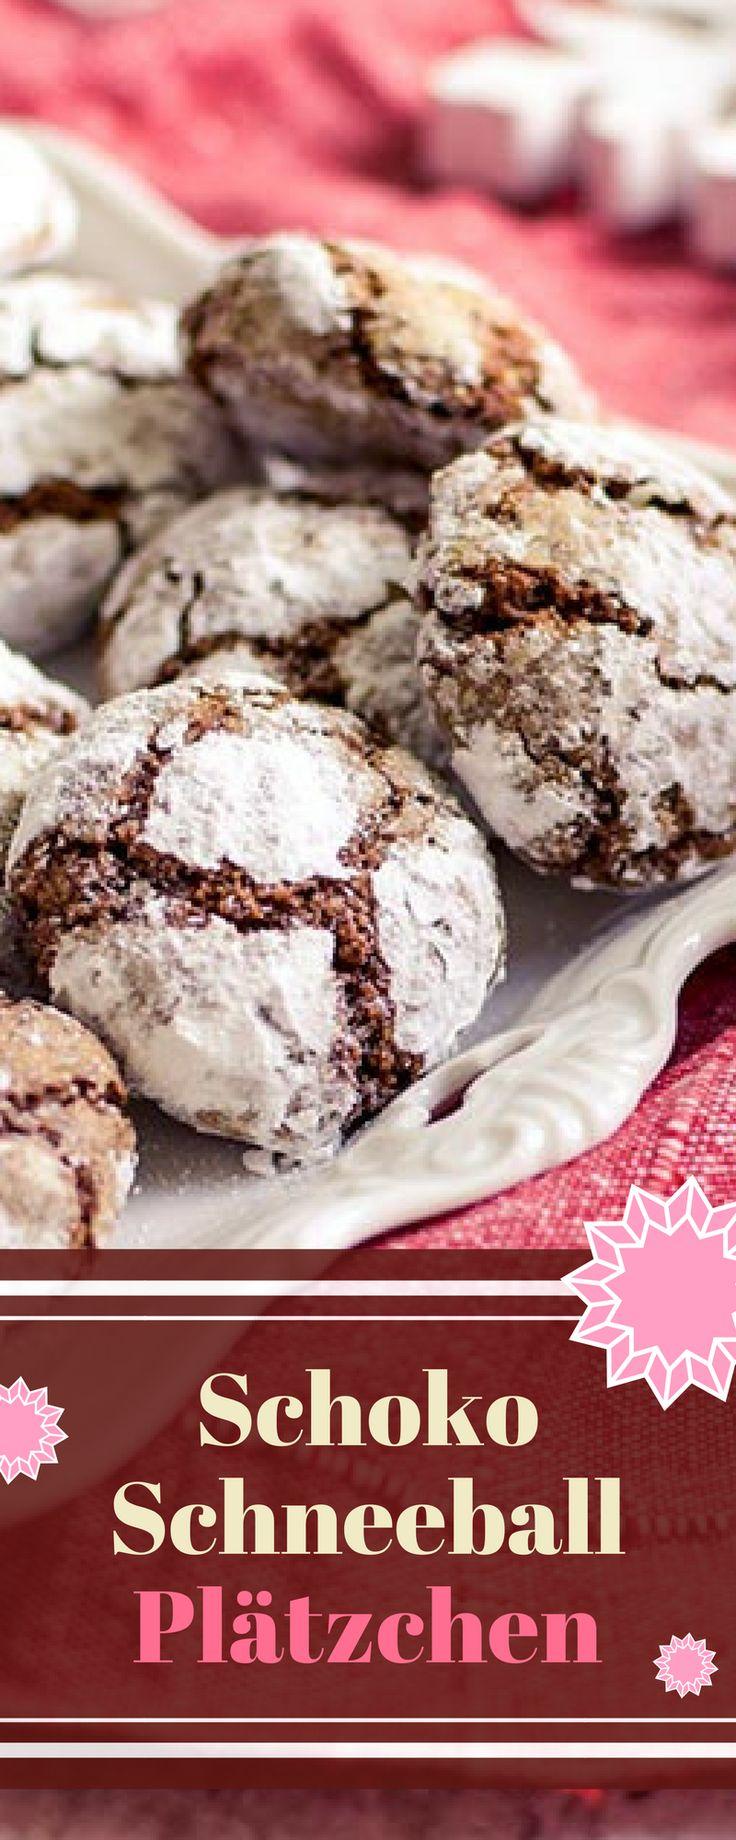 Leckere schokoladige Plätzchen für die Weihnachtszeit. Sie sind wunderbar aromatisch und lecker. Probiert doch mal die Schokoschneeball-Plätzchen. #plätzchen #weihnachten #kekse